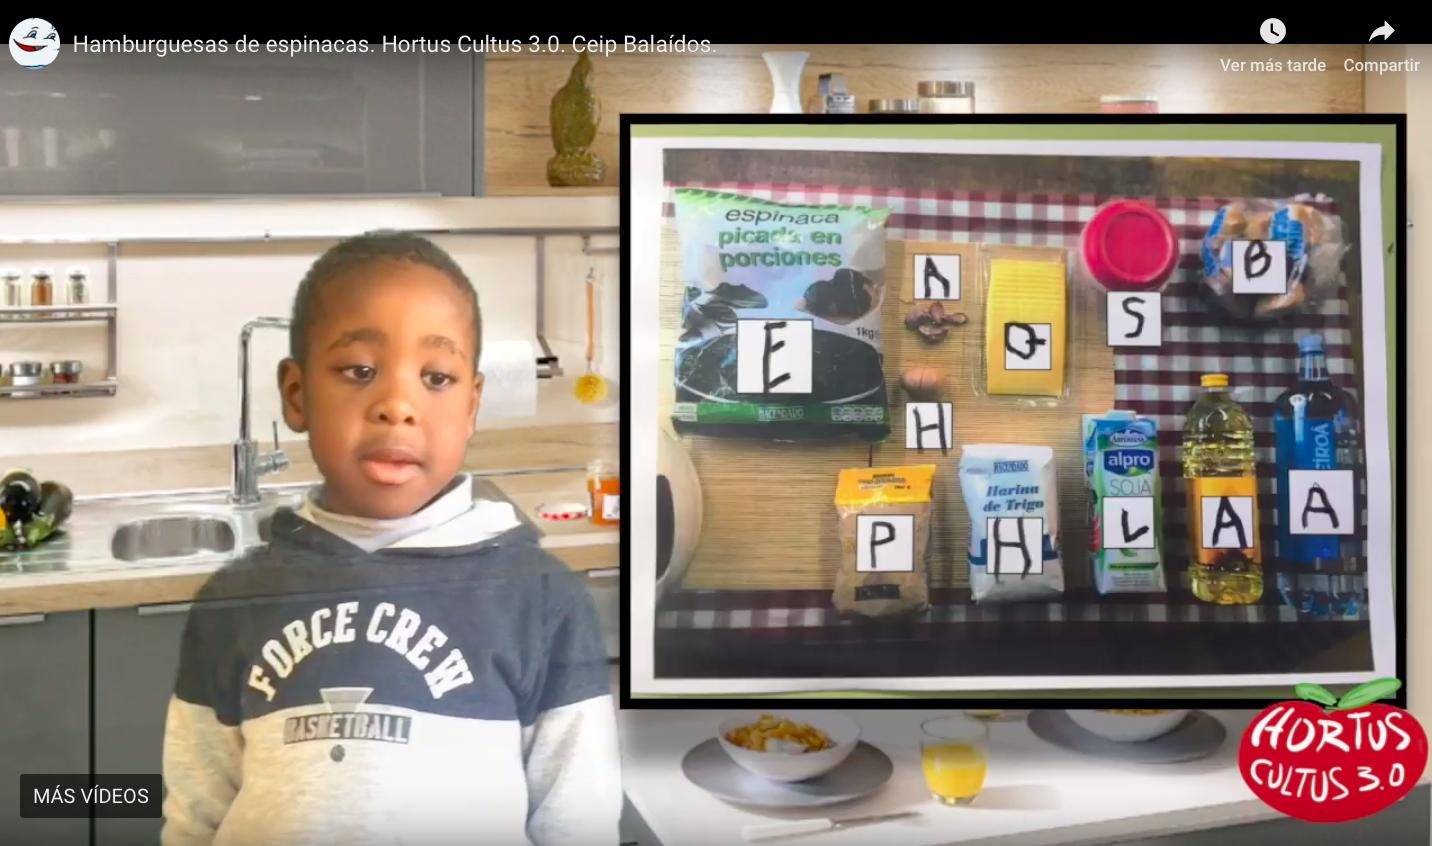 Incluimos el trabajo de las vocales de los ingredientes en la explicación en vídeo de la receta.